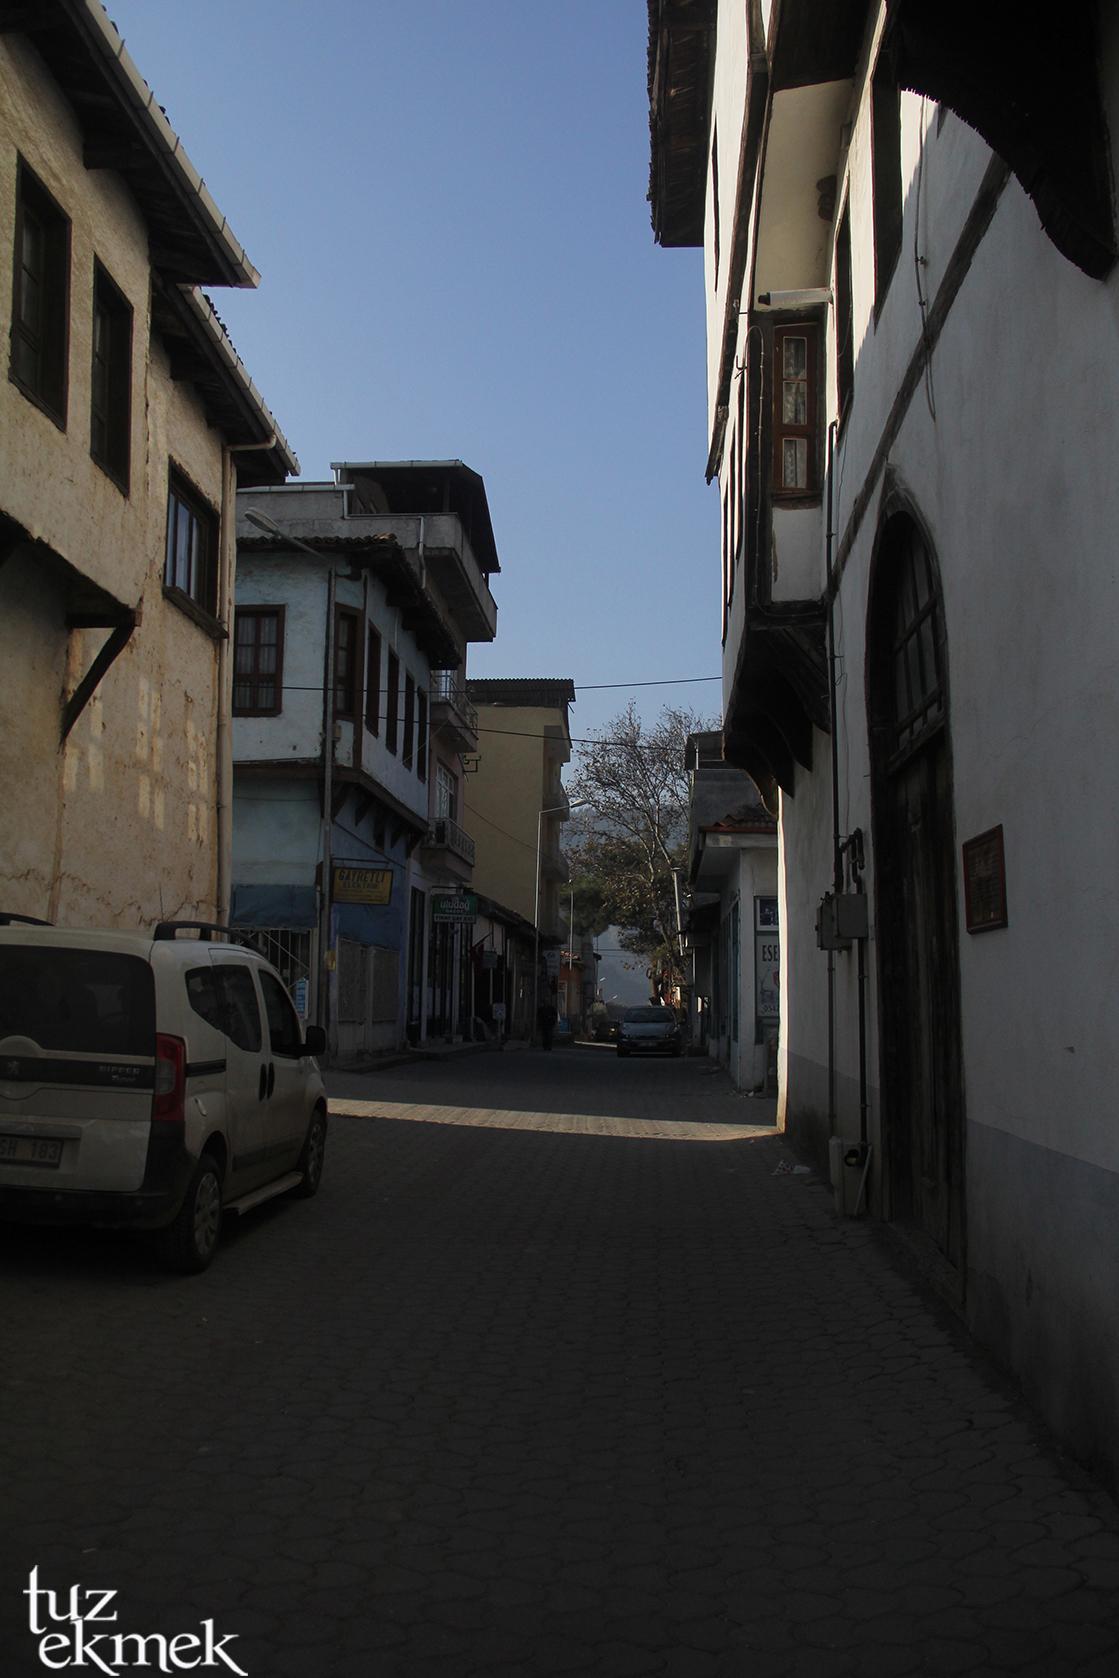 sokak7-7